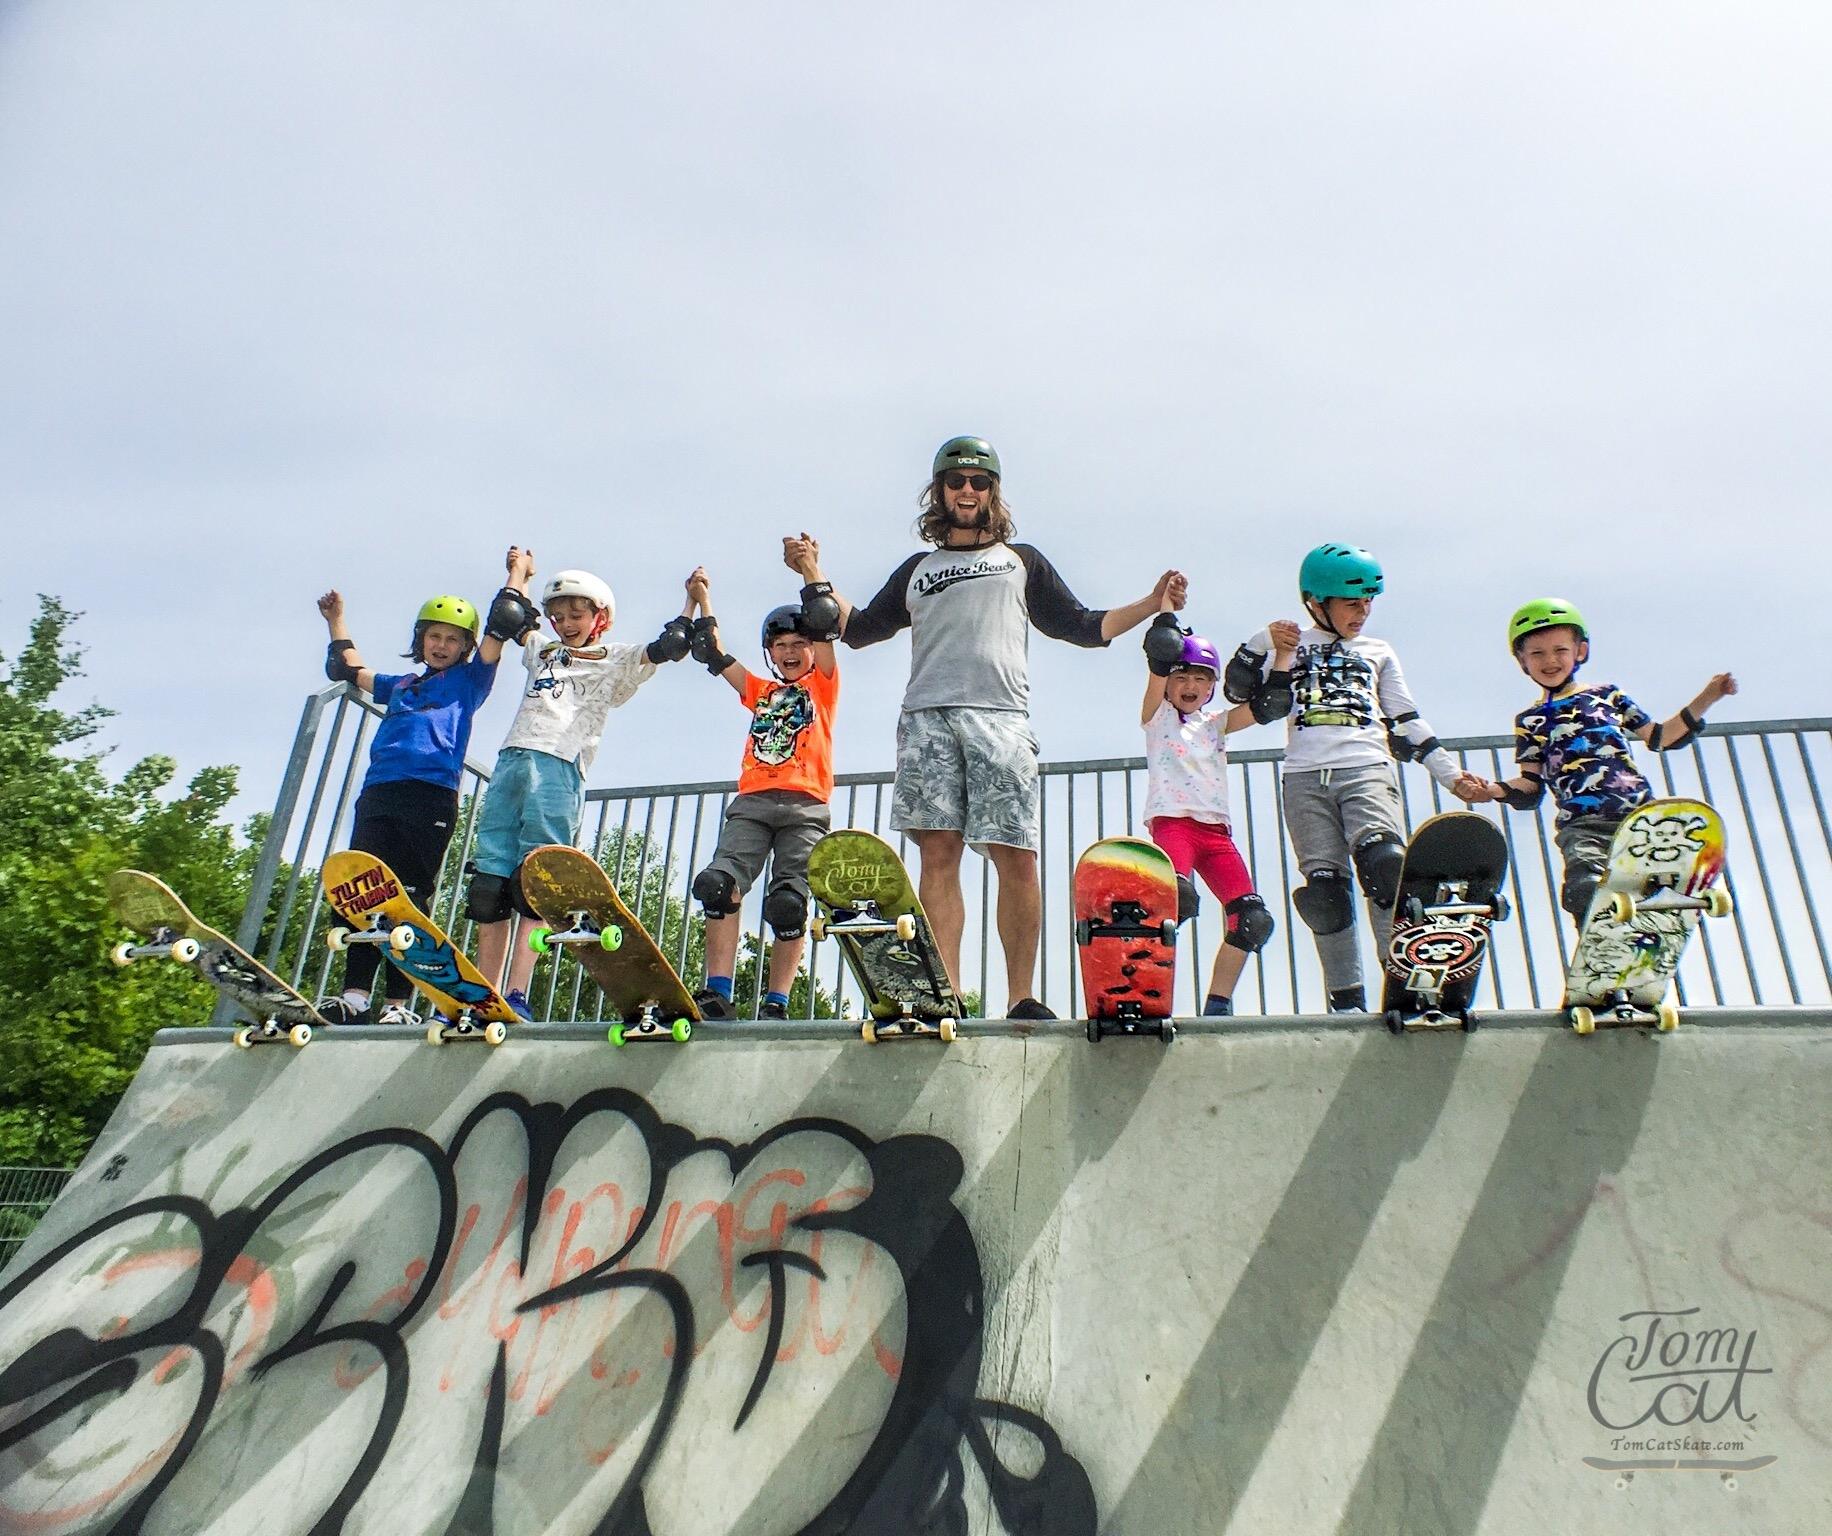 Skatekurs Landsberg Kaufering Skateboard Kurs Starnberg Skatekurs Tegernsee .jpg